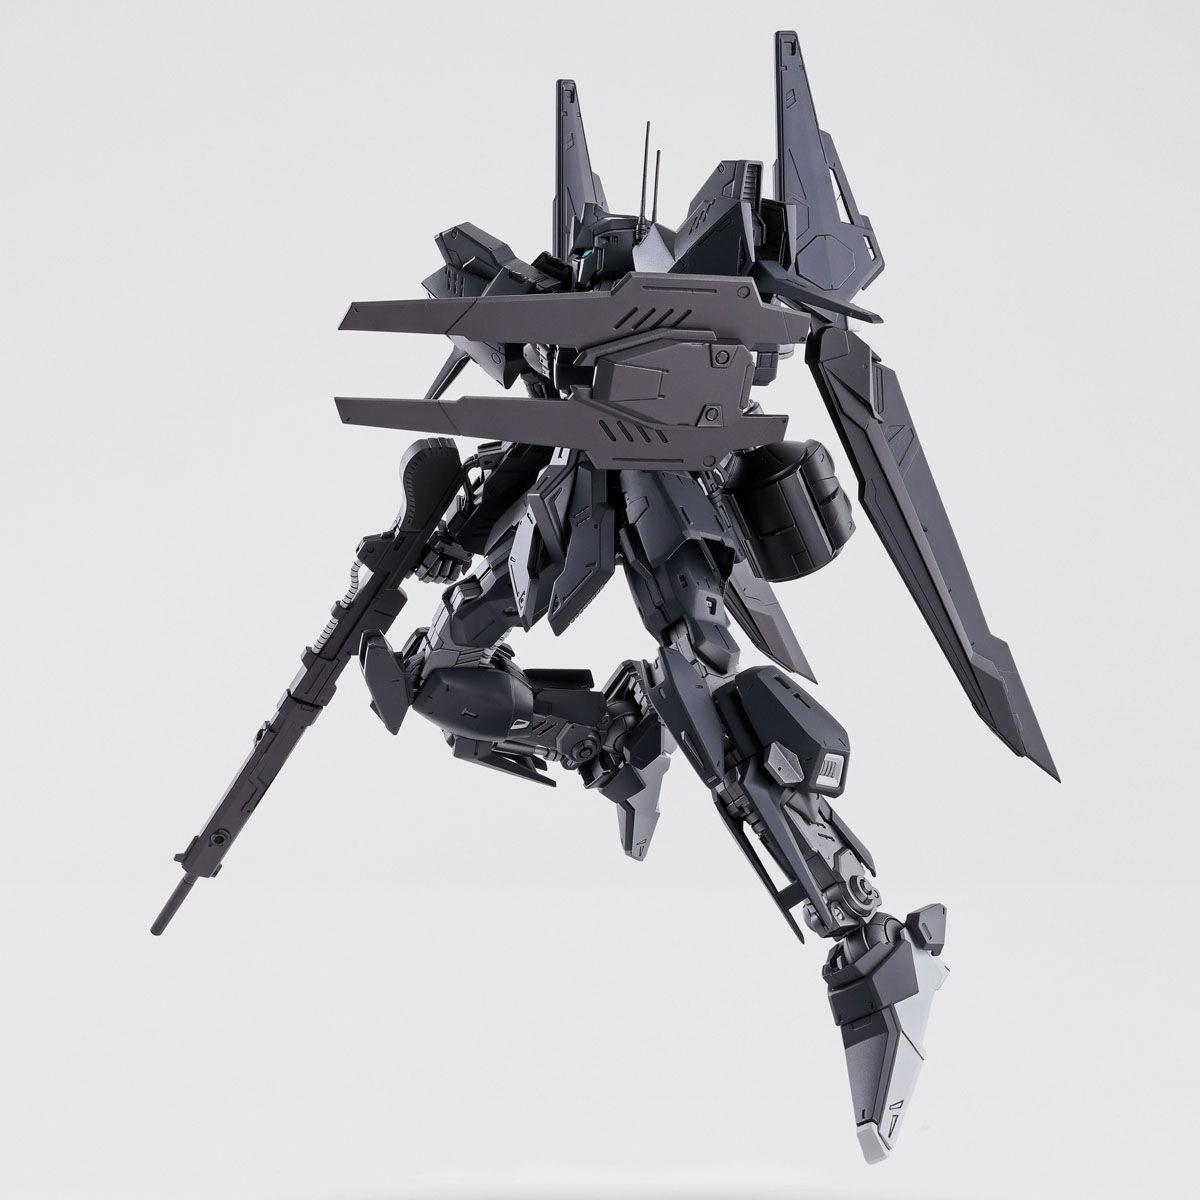 MG 1/100『百式壊』プラモデル-008